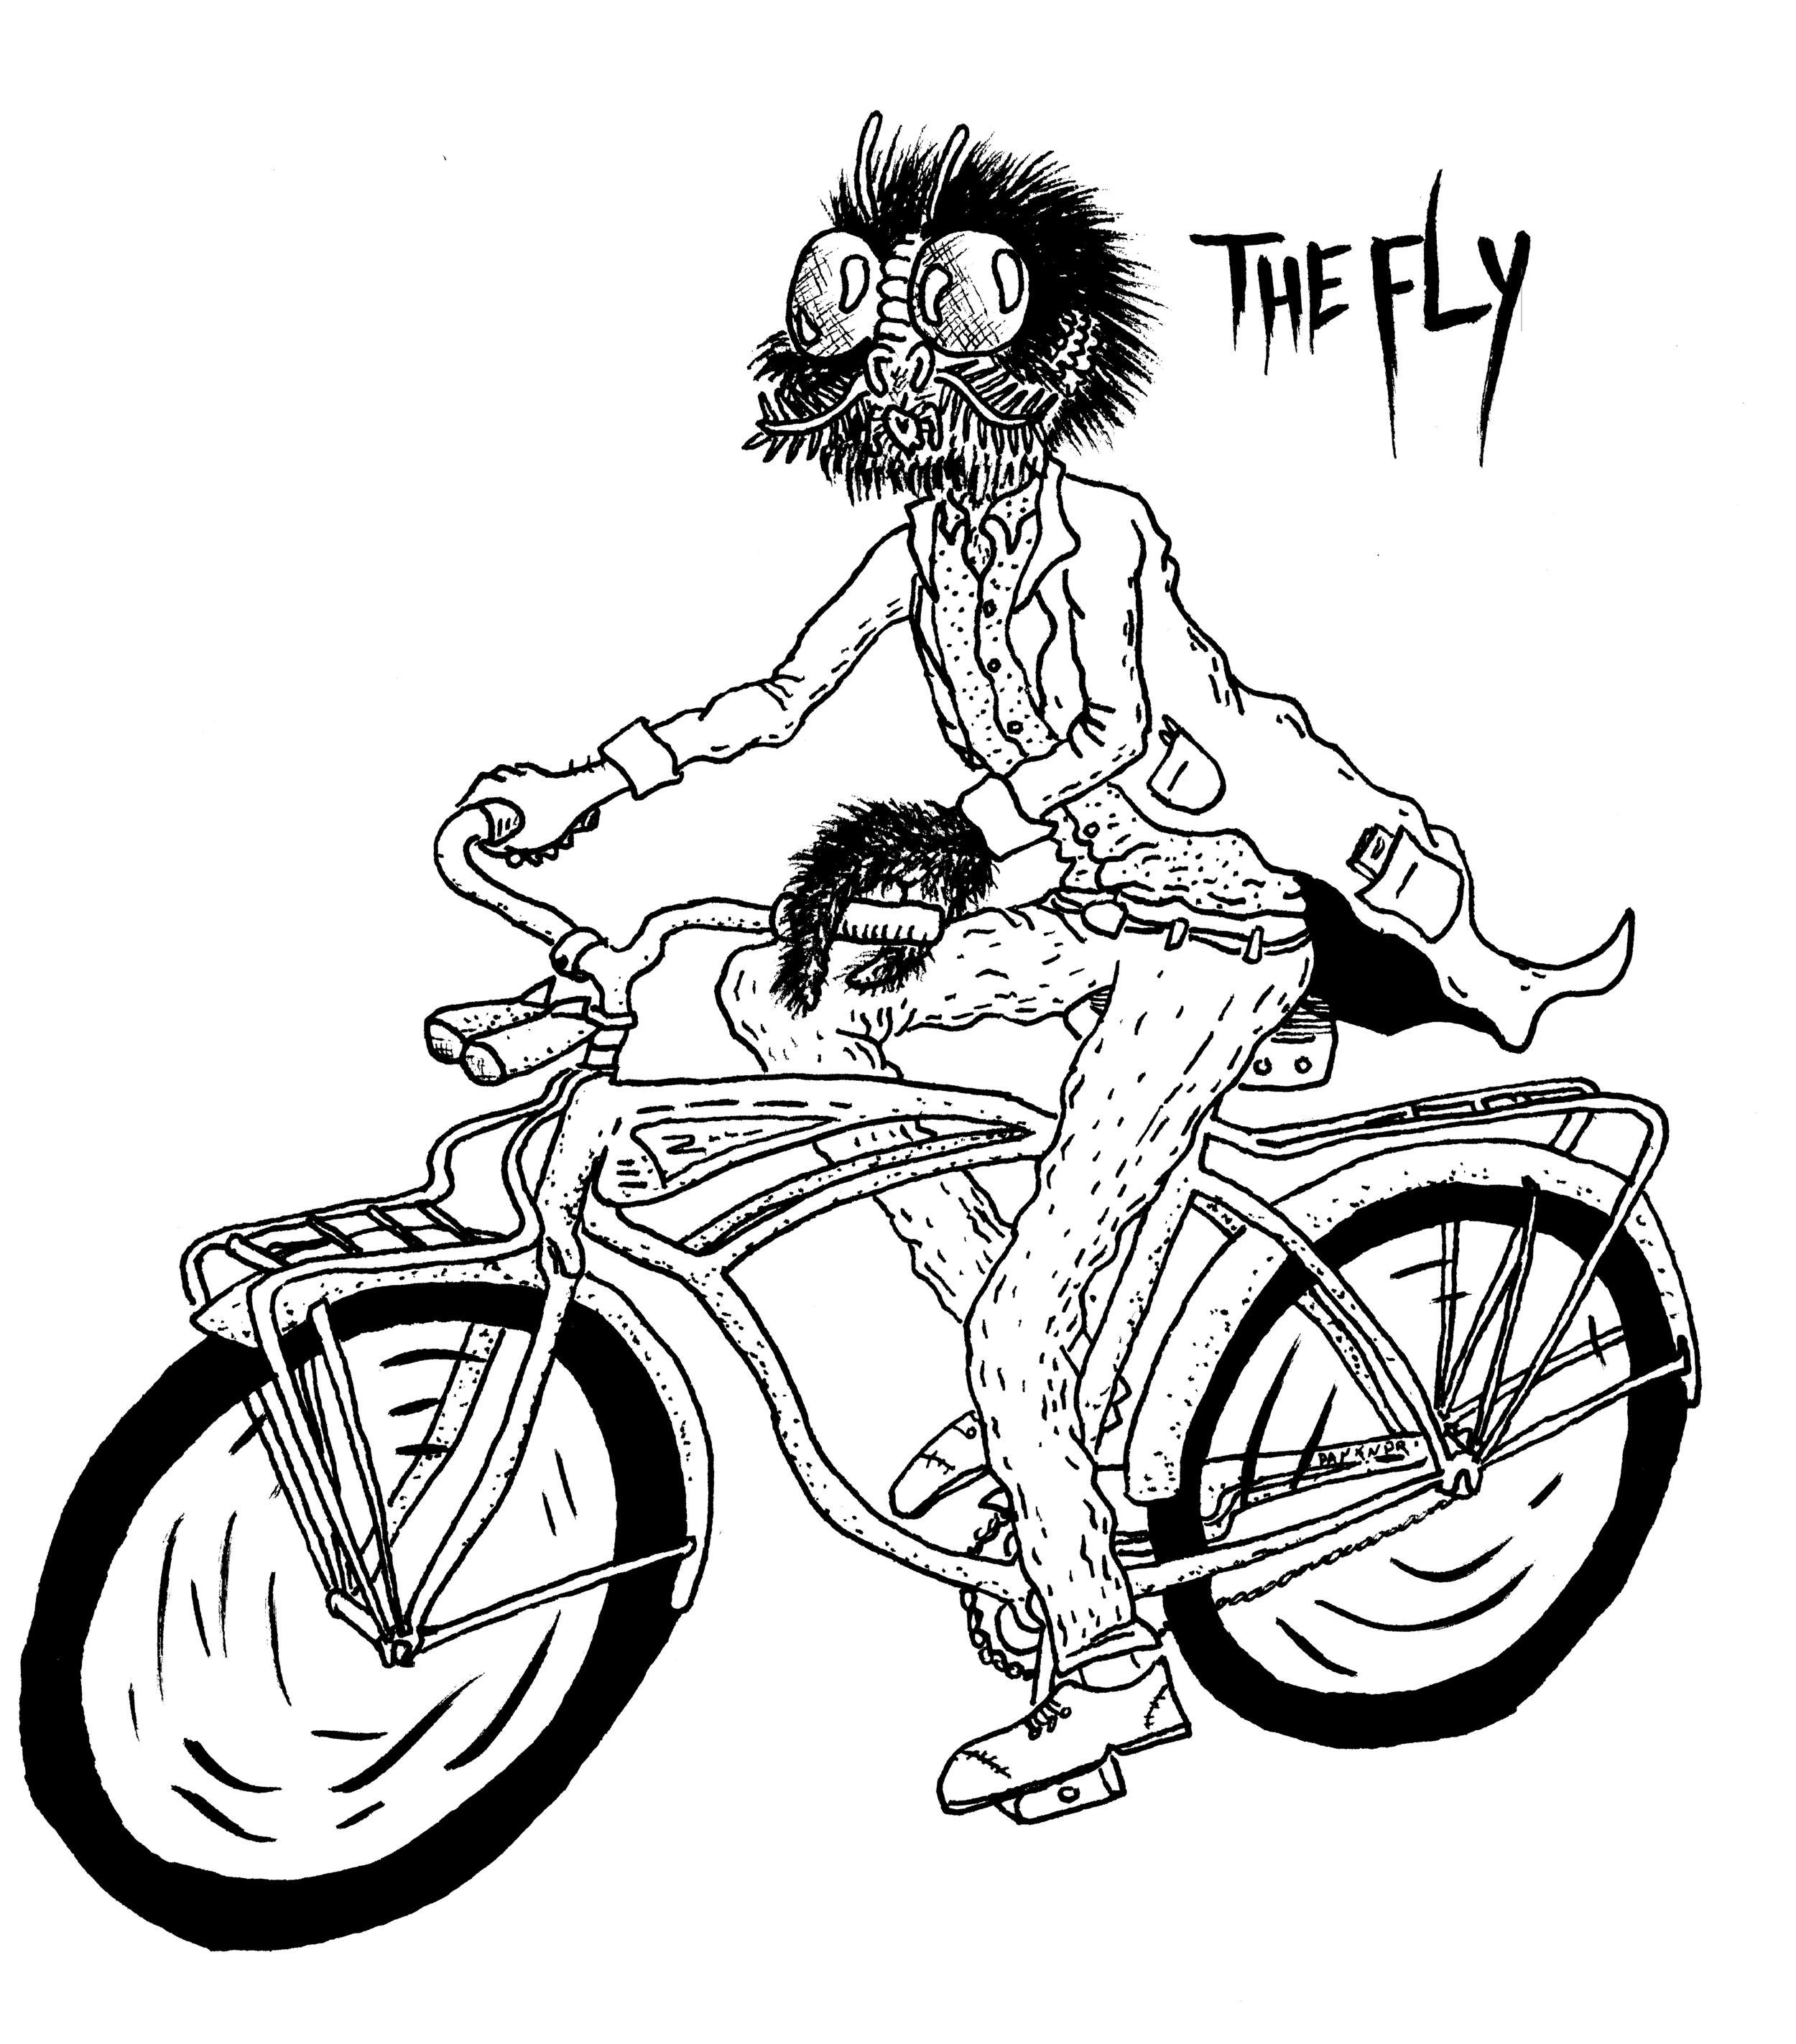 The Fly014.jpg